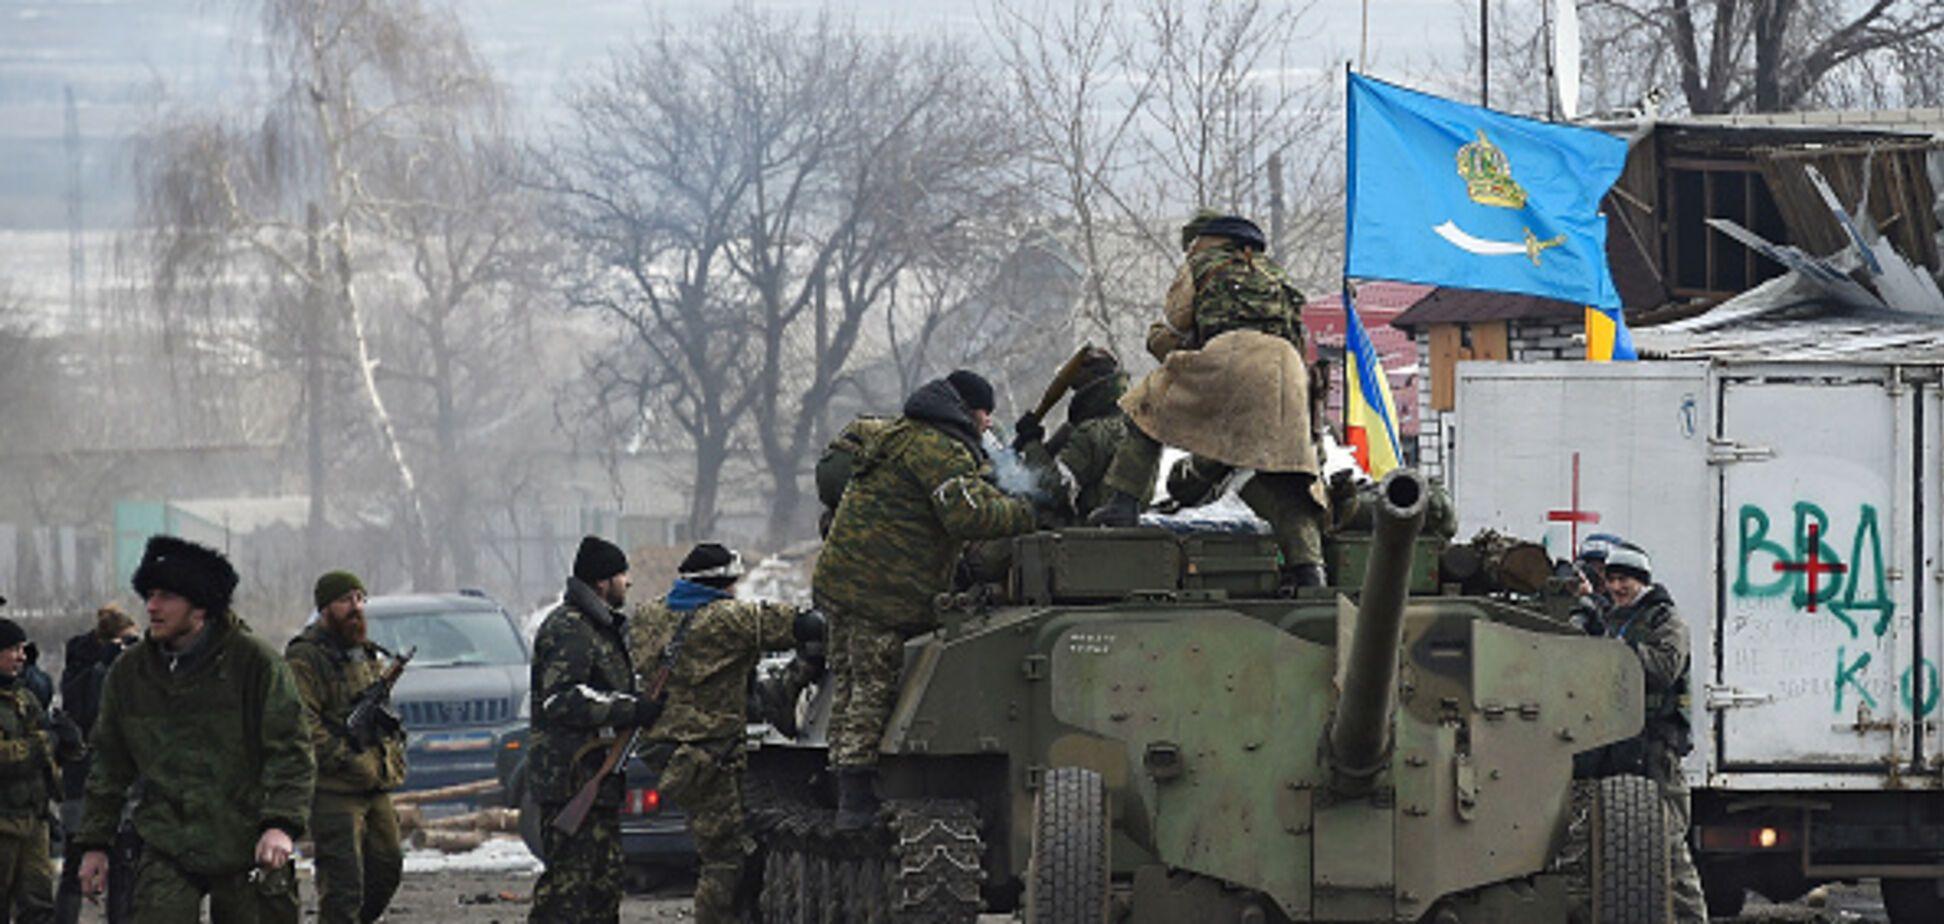 Срочно перебрасывают реанимобили:  в 'ДНР' экстренно готовятся к штурму